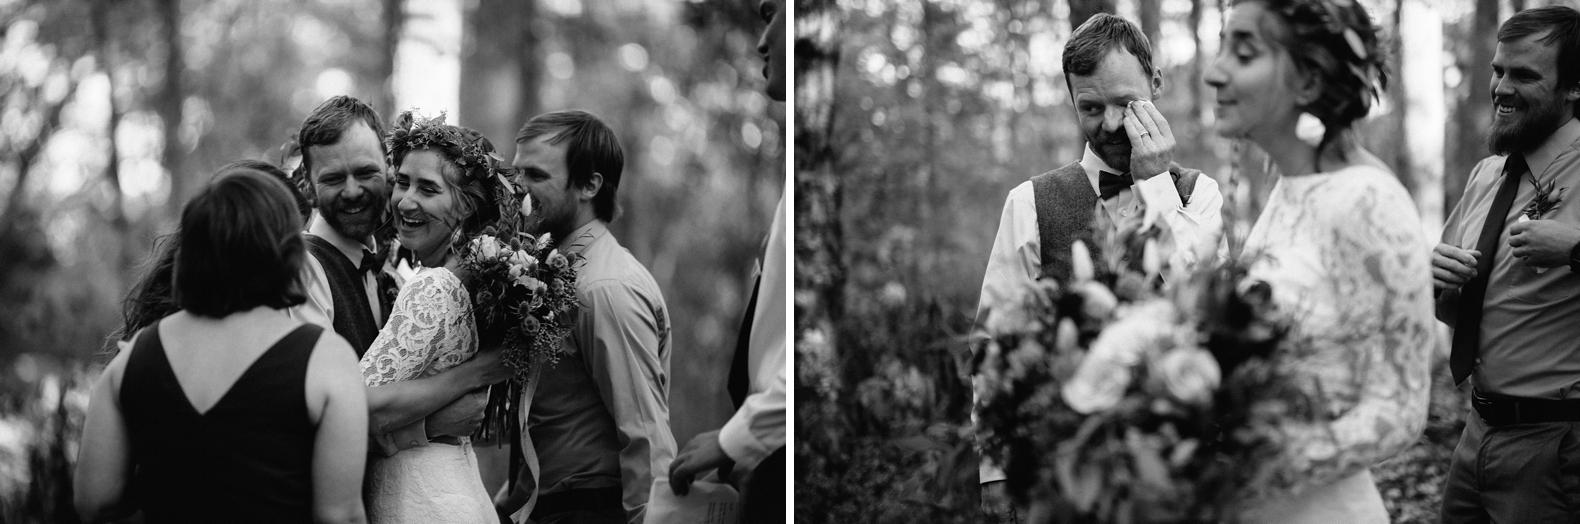 nashville-outdoor-wedding-0065